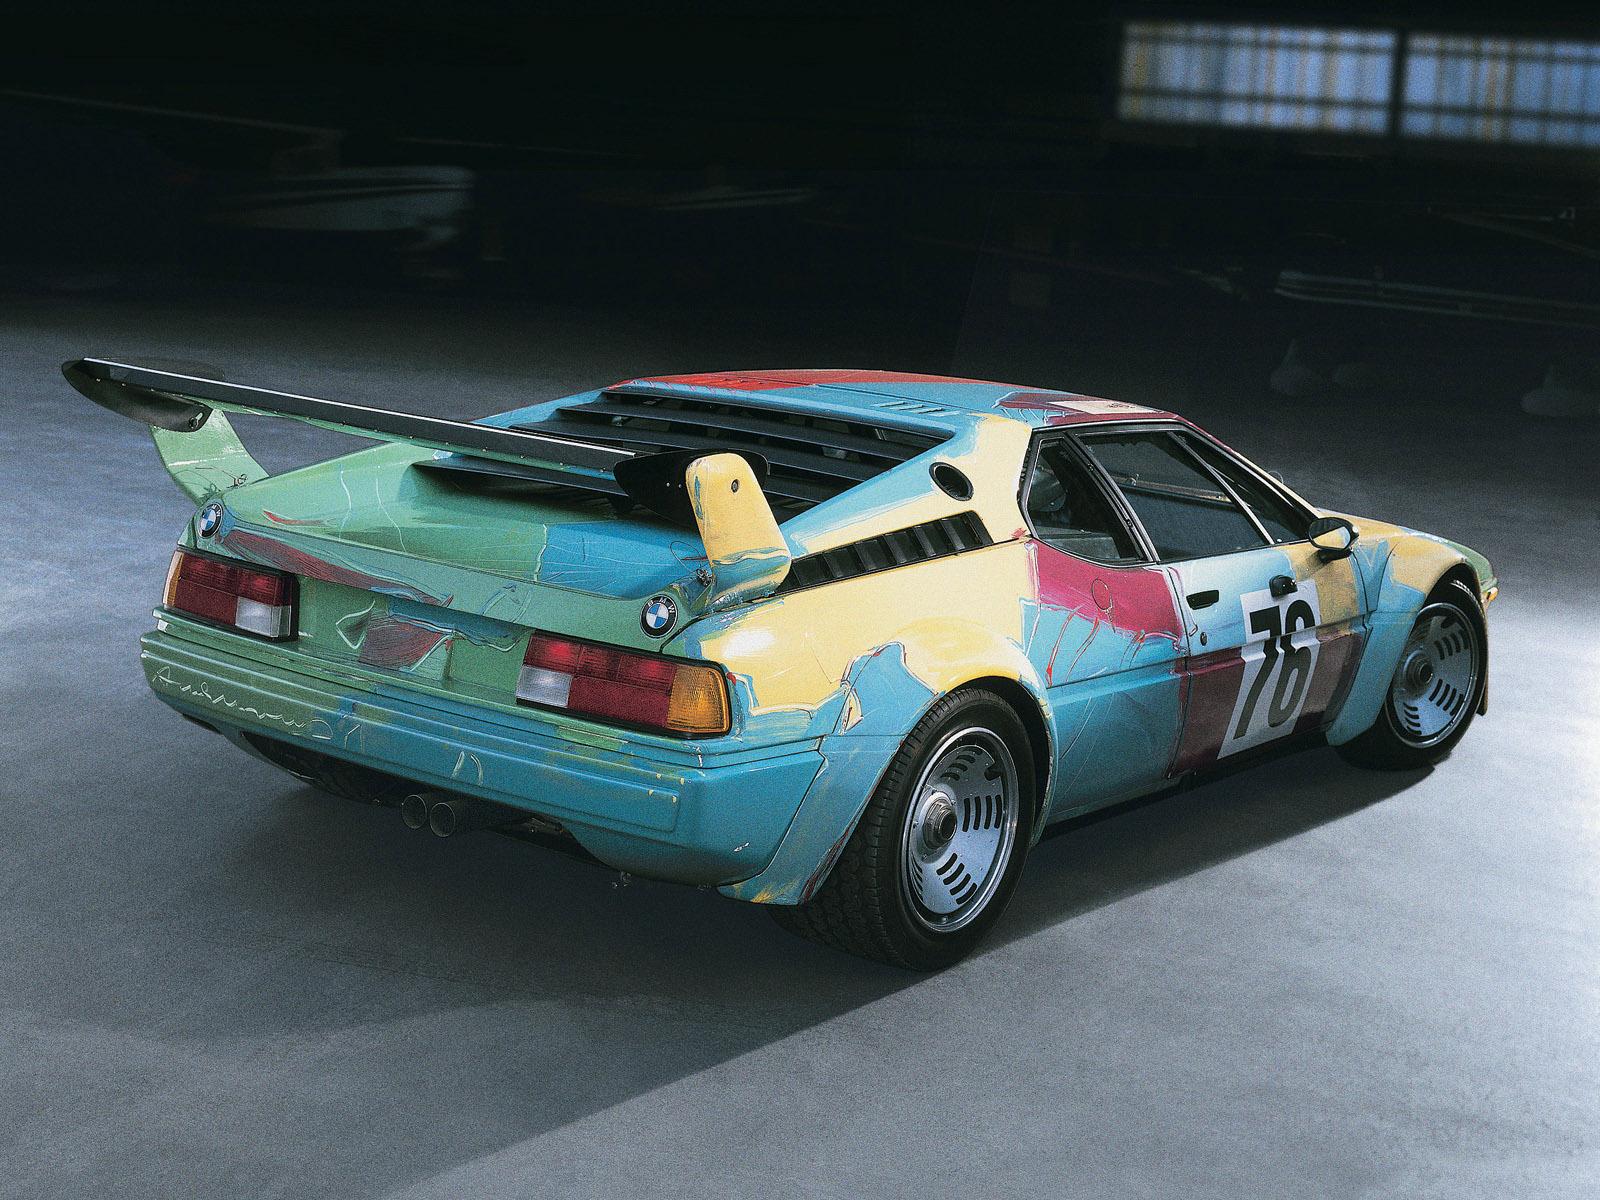 A Procar Series-ben ismert versenyzők küzdöttek meg egymással, egyforma M1-es BMW-kben. Csak két szezont élt meg (1979-80), de ebből is készült Art Car verzió, Andy Warhol által.